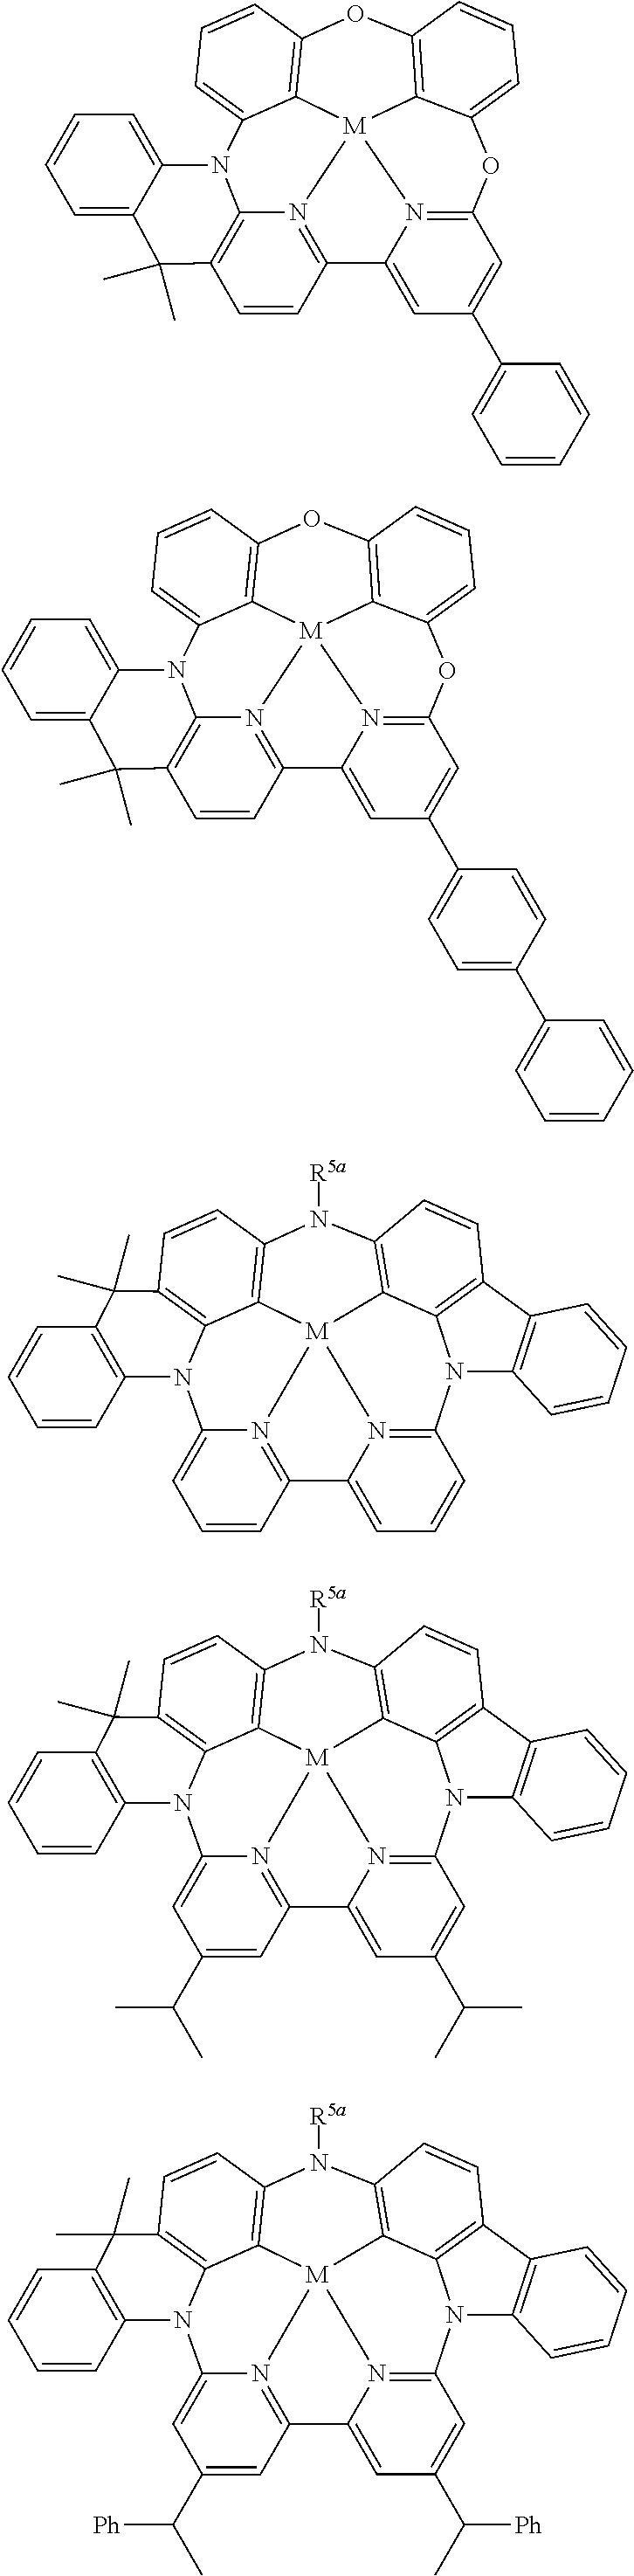 Figure US10158091-20181218-C00111